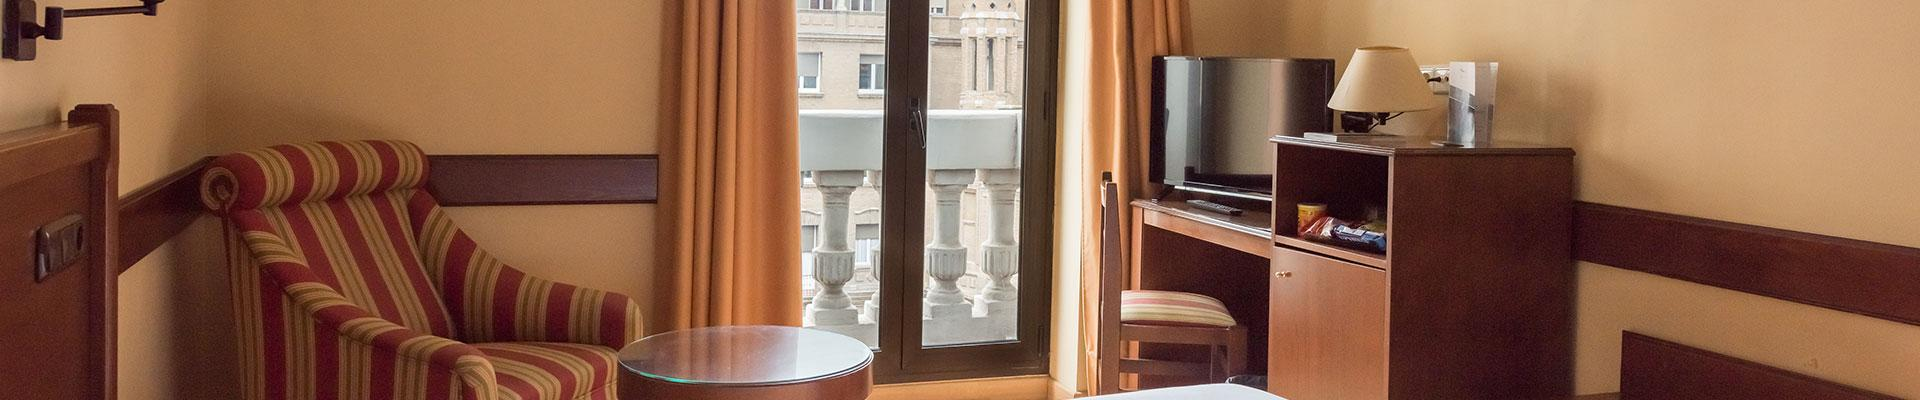 Ein Hotel im Zentrum von Zaragoza: Die Zimmer